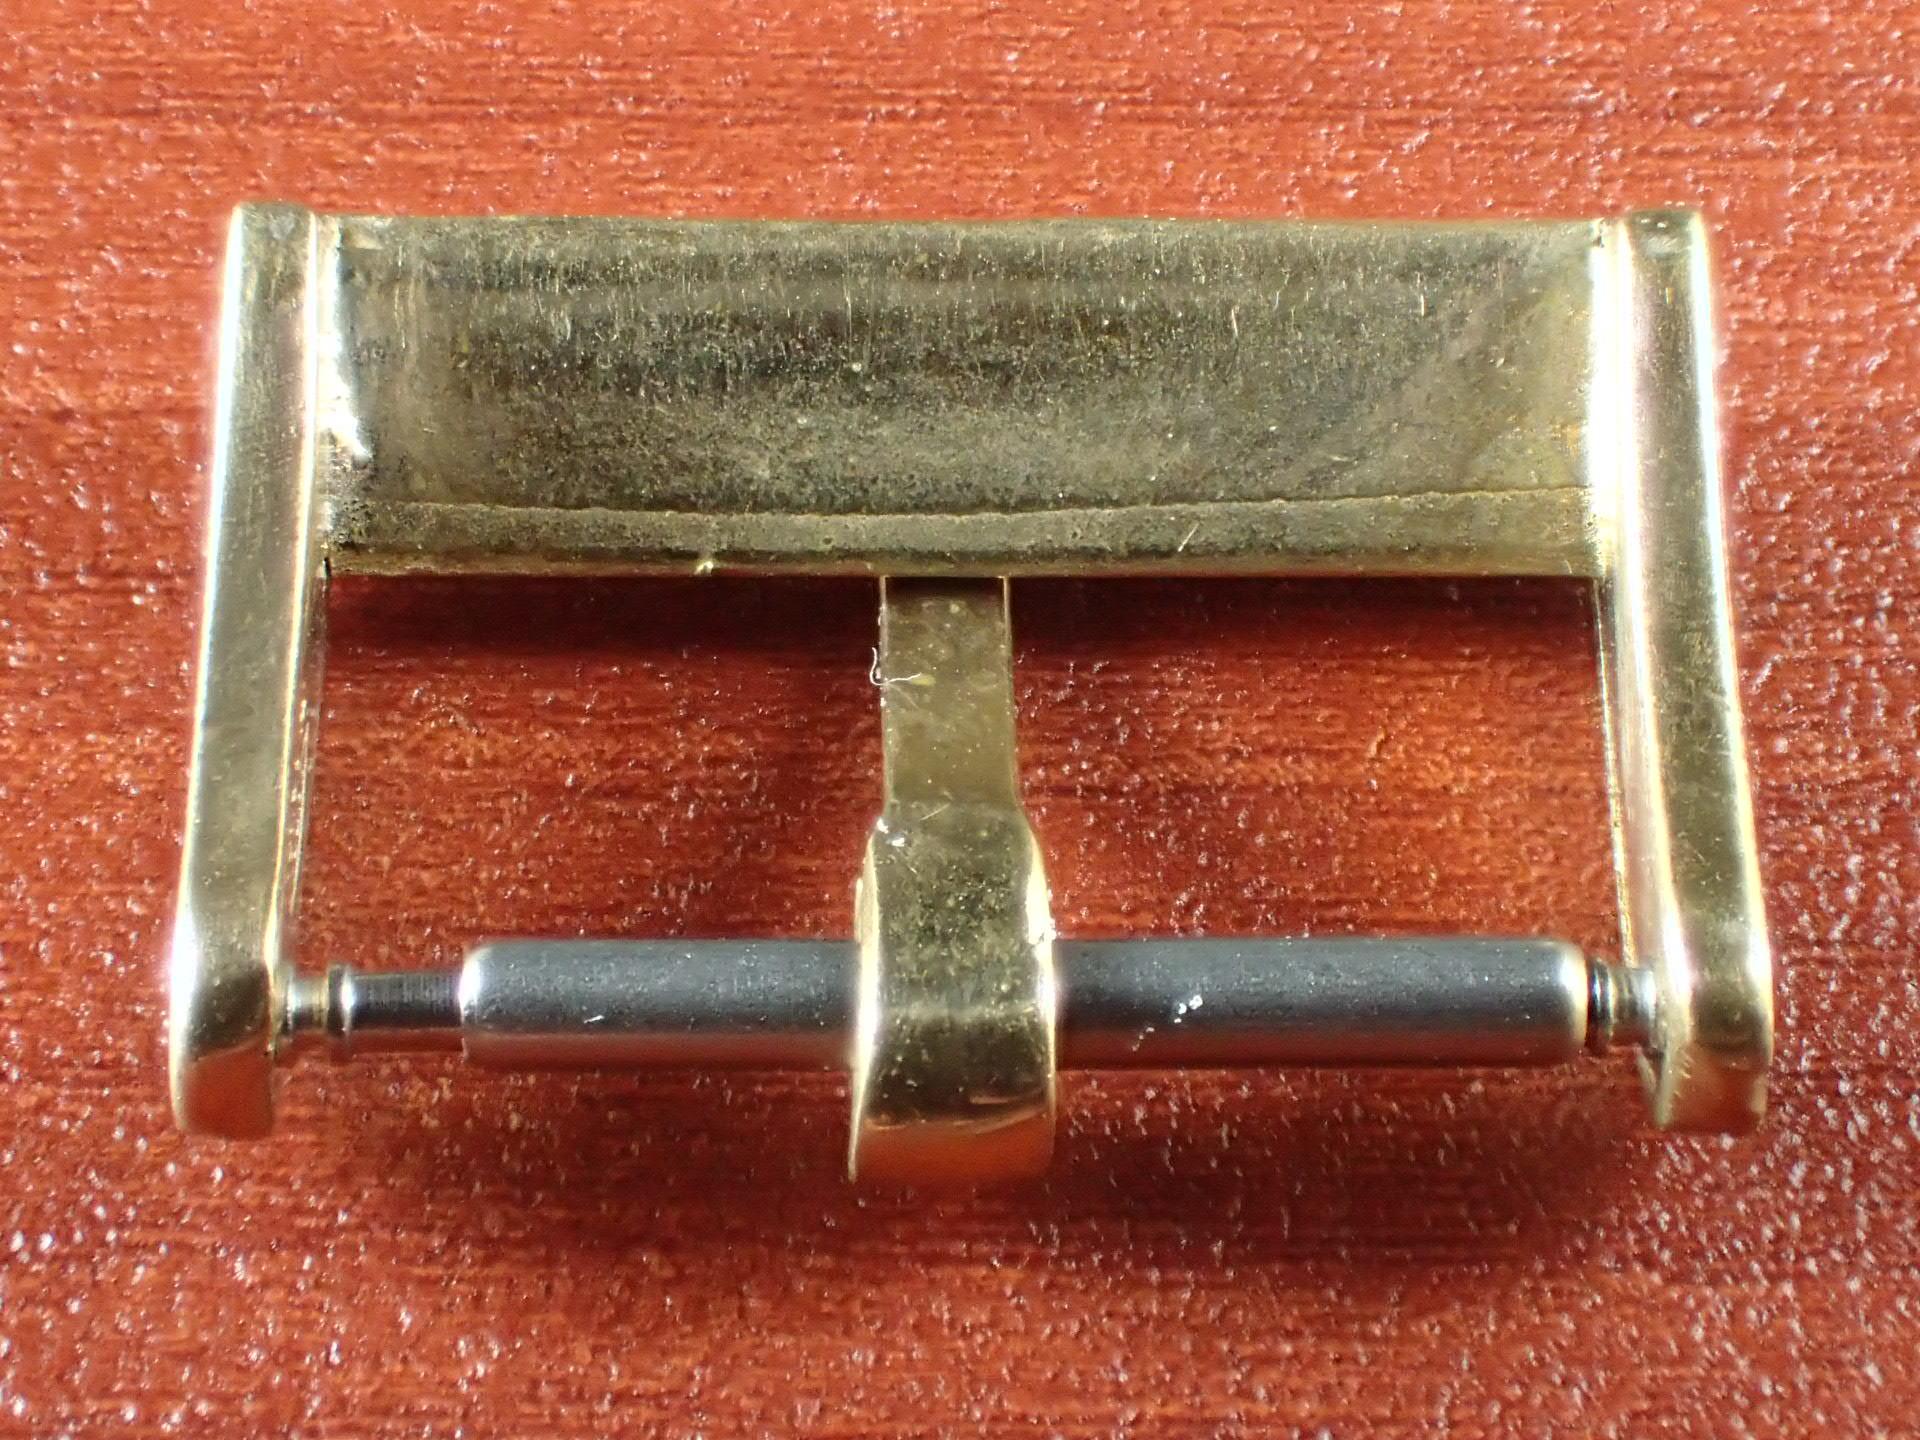 モバード ヴィンテージ尾錠 YGF 1950年代の写真5枚目